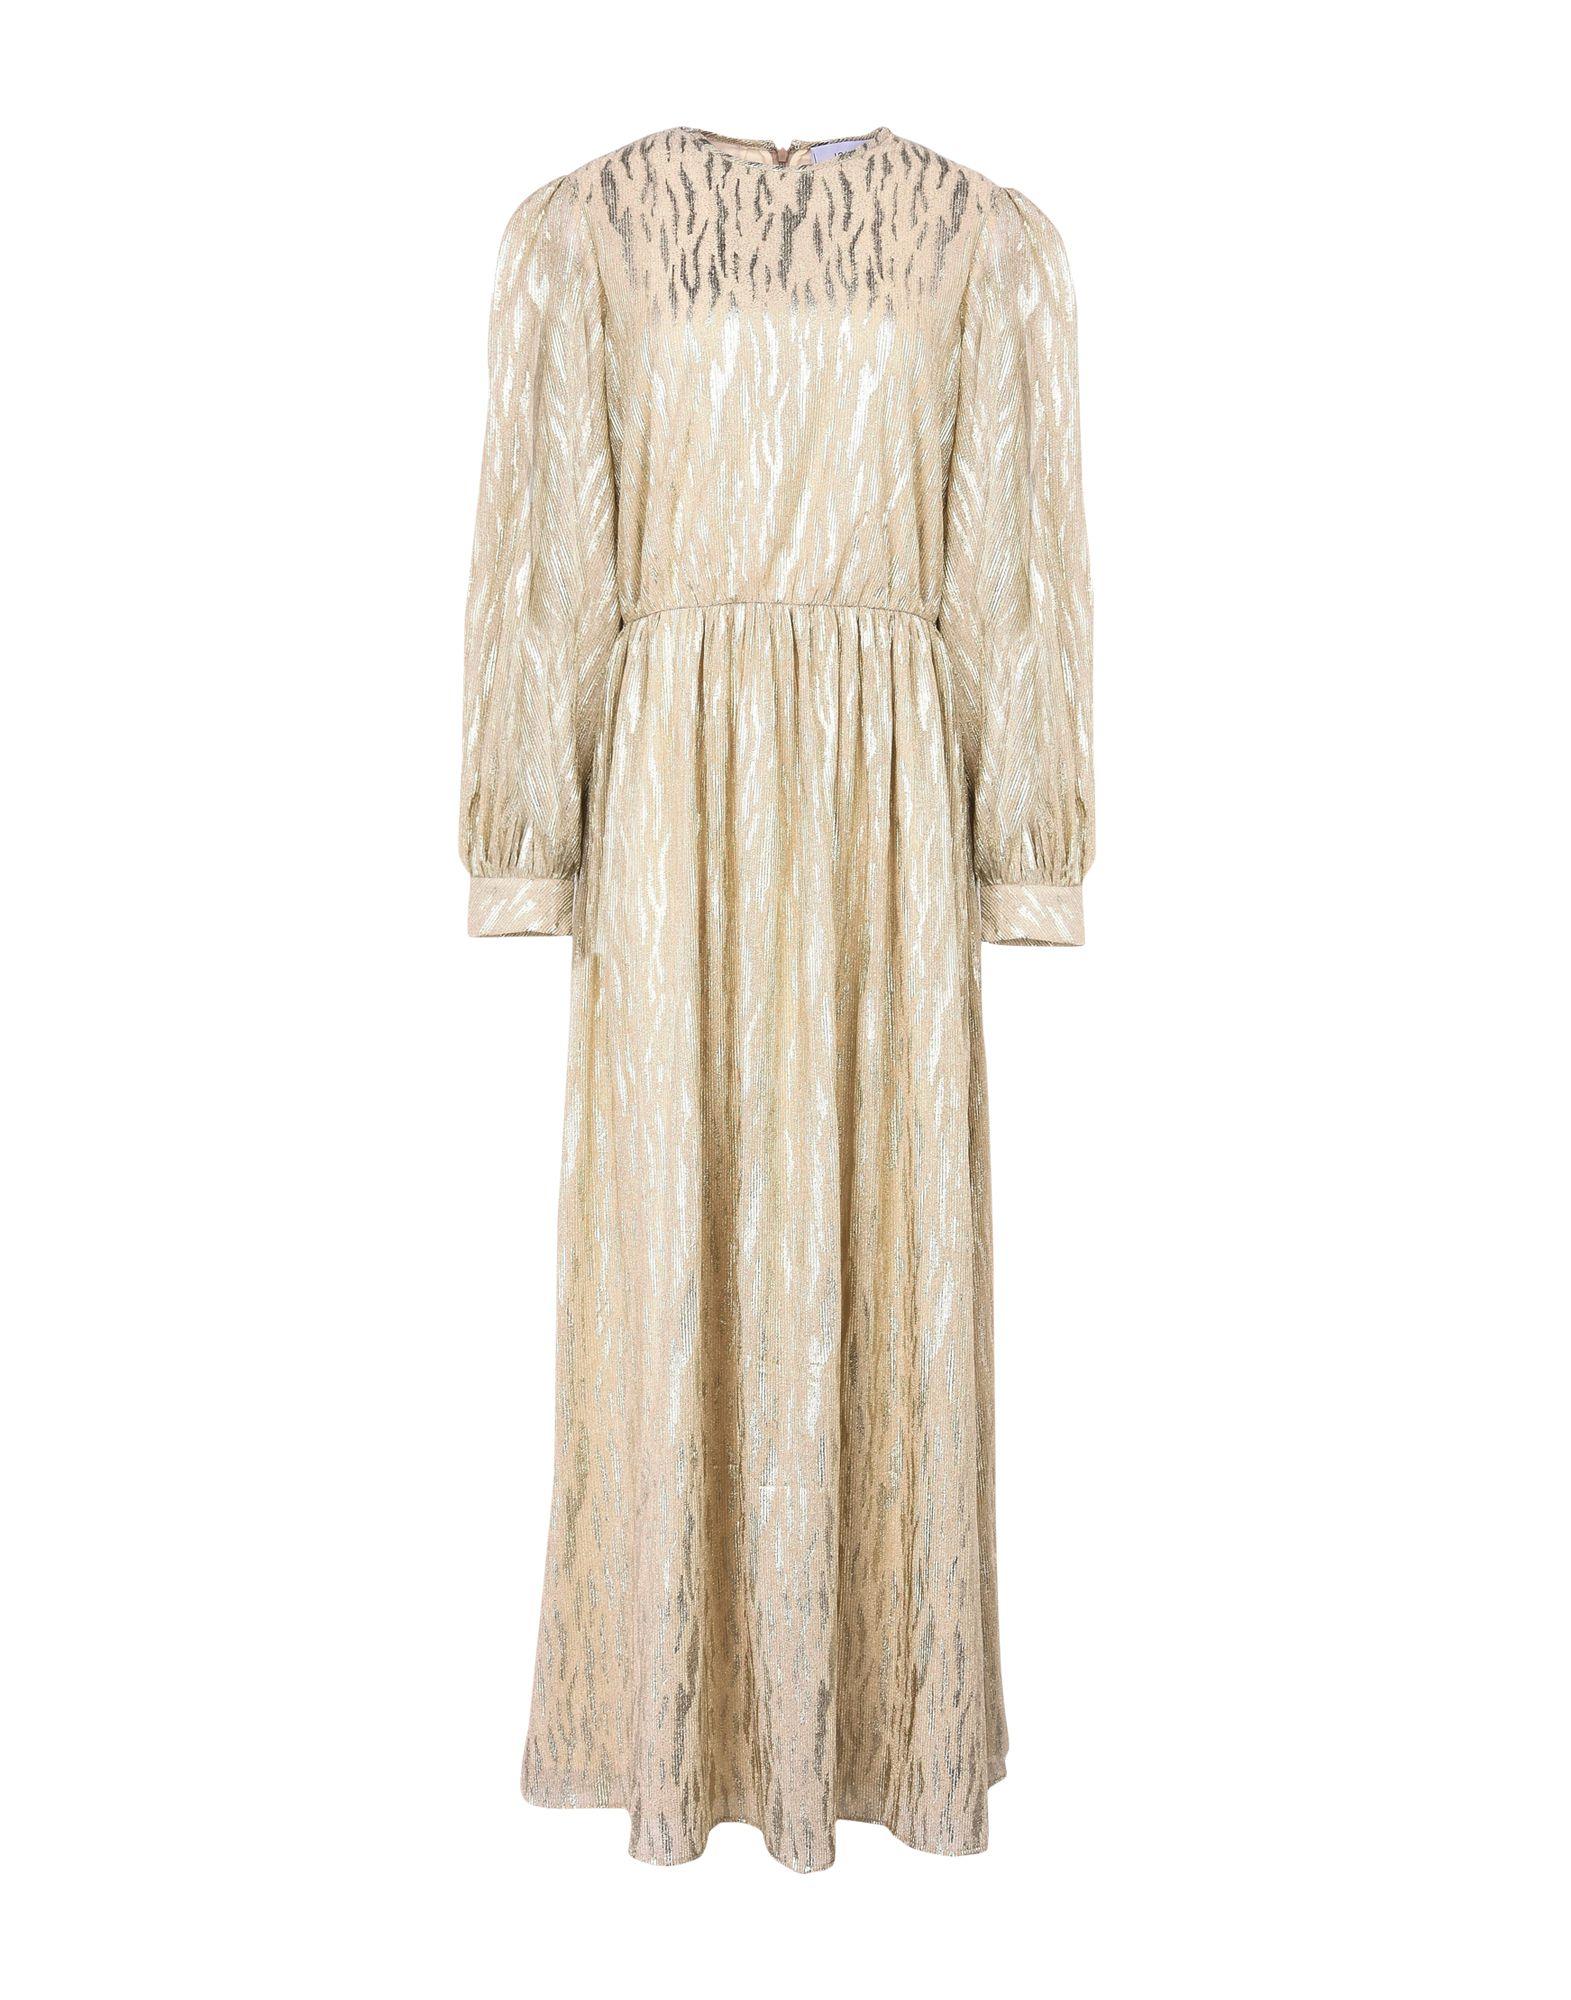 JOLIE by EDWARD SPIERS Damen Langes Kleid Farbe Beige Größe 5 jetztbilligerkaufen